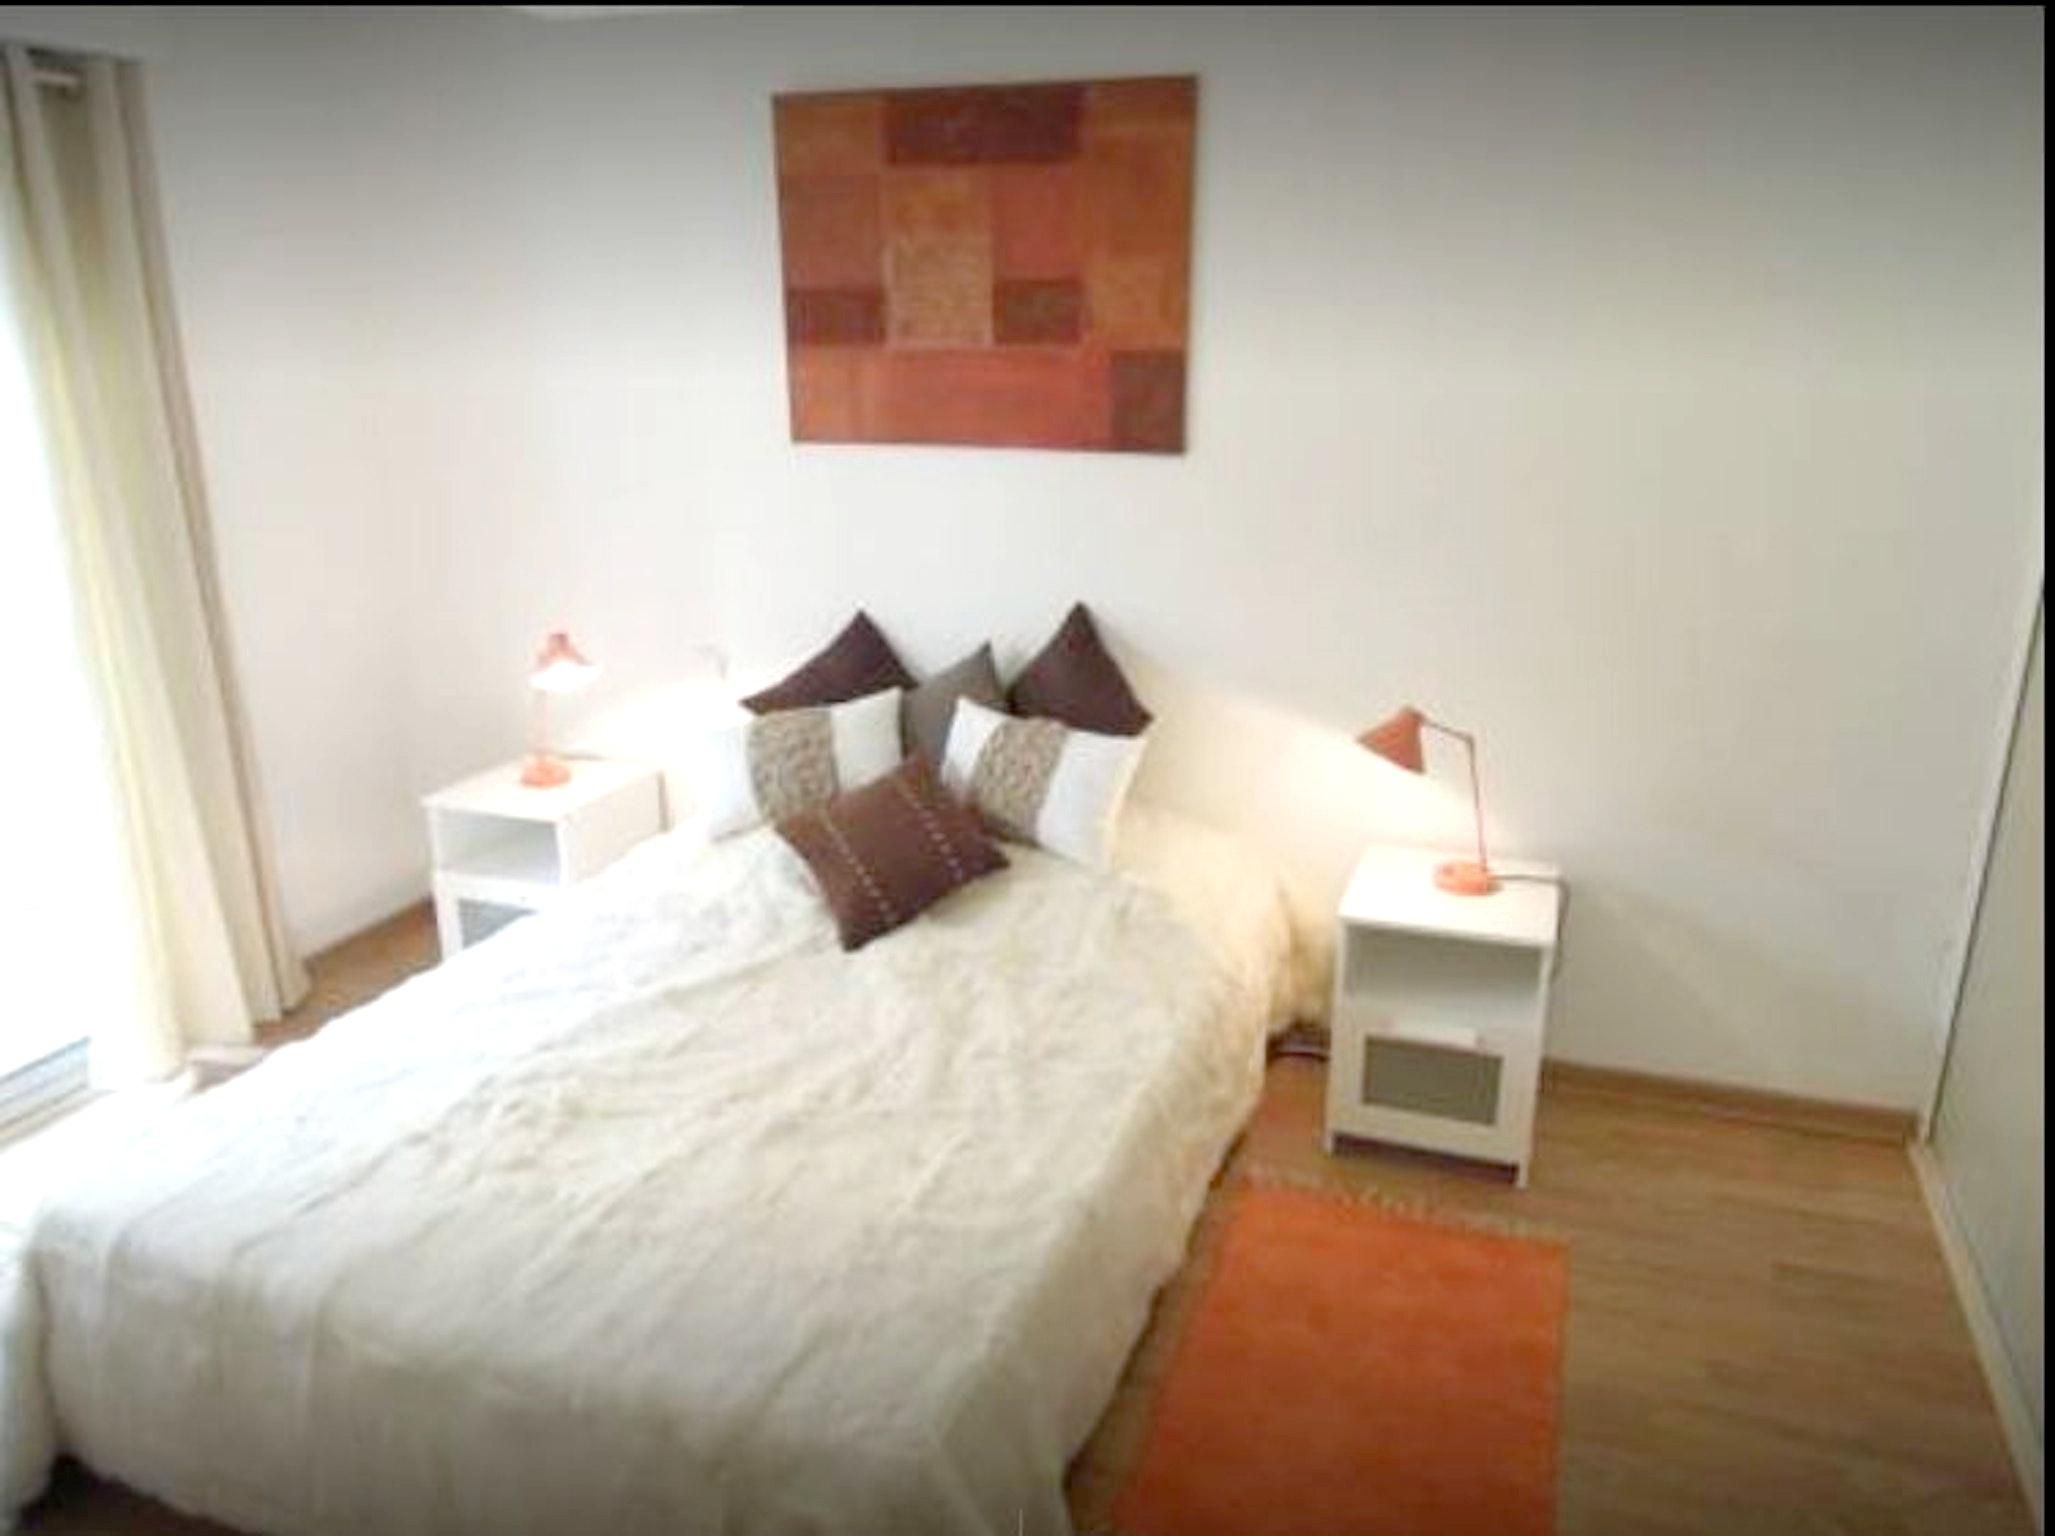 Appartement de vacances Wohnung mit einem Schlafzimmer in Montpellier mit eingezäuntem Garten und W-LAN - 10 km vo (2561865), Montpellier, Côte méditerranéenne Hérault, Languedoc-Roussillon, France, image 7